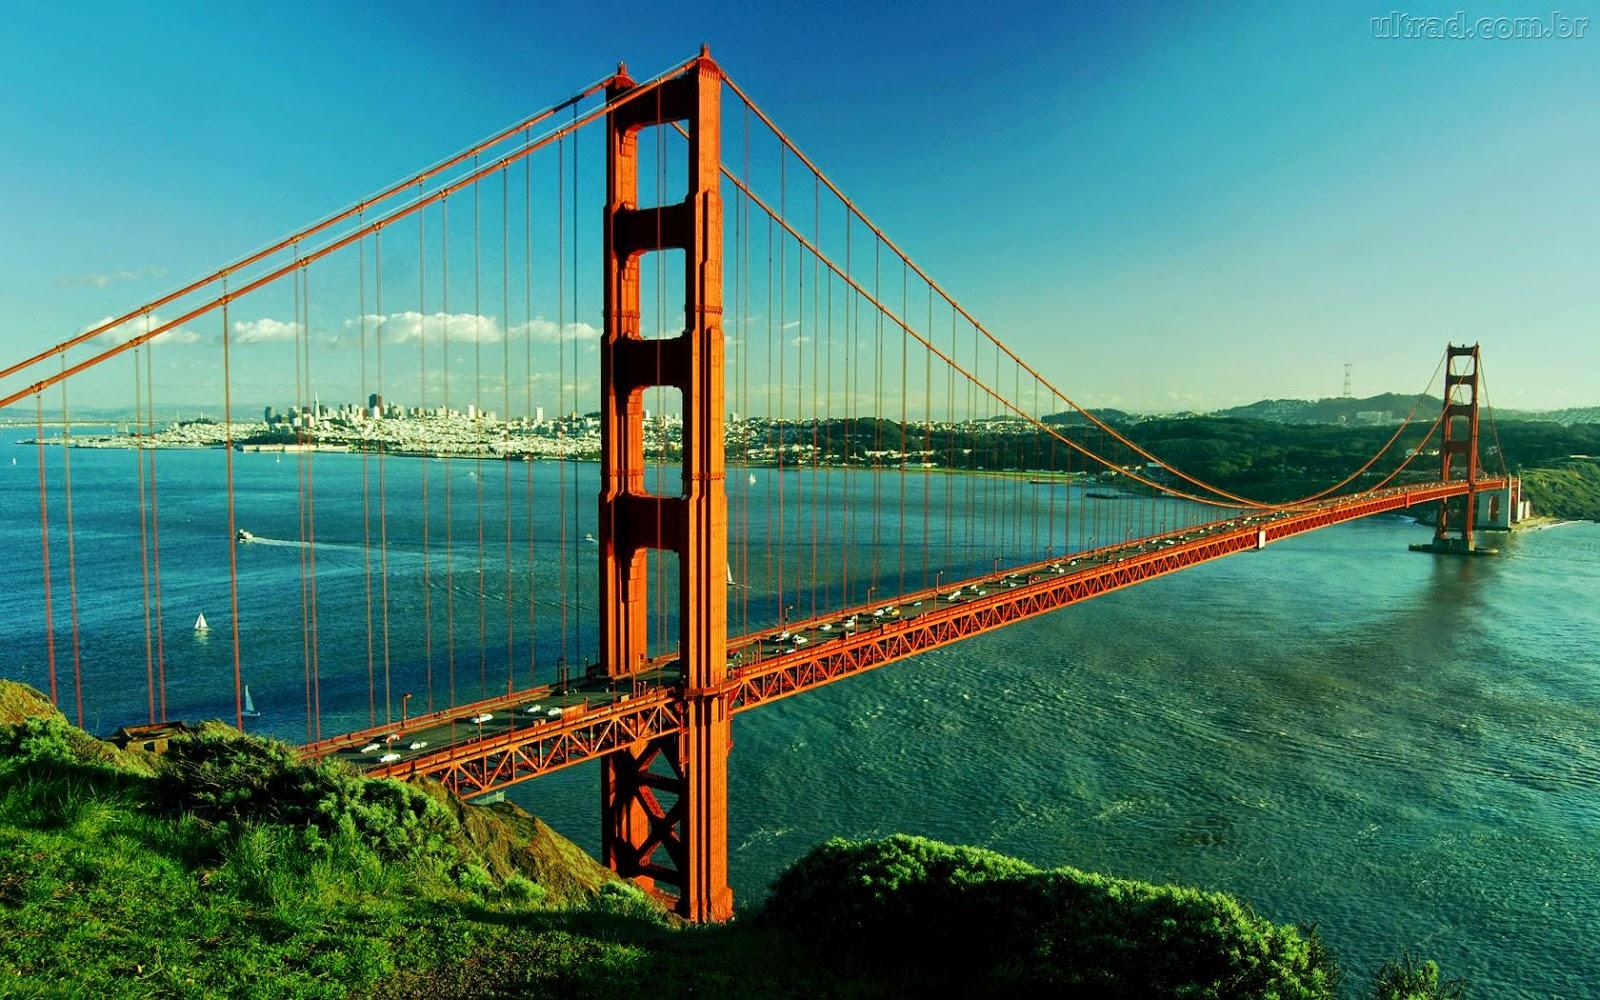 São Francisco a cidade de vários estilos - Viagem